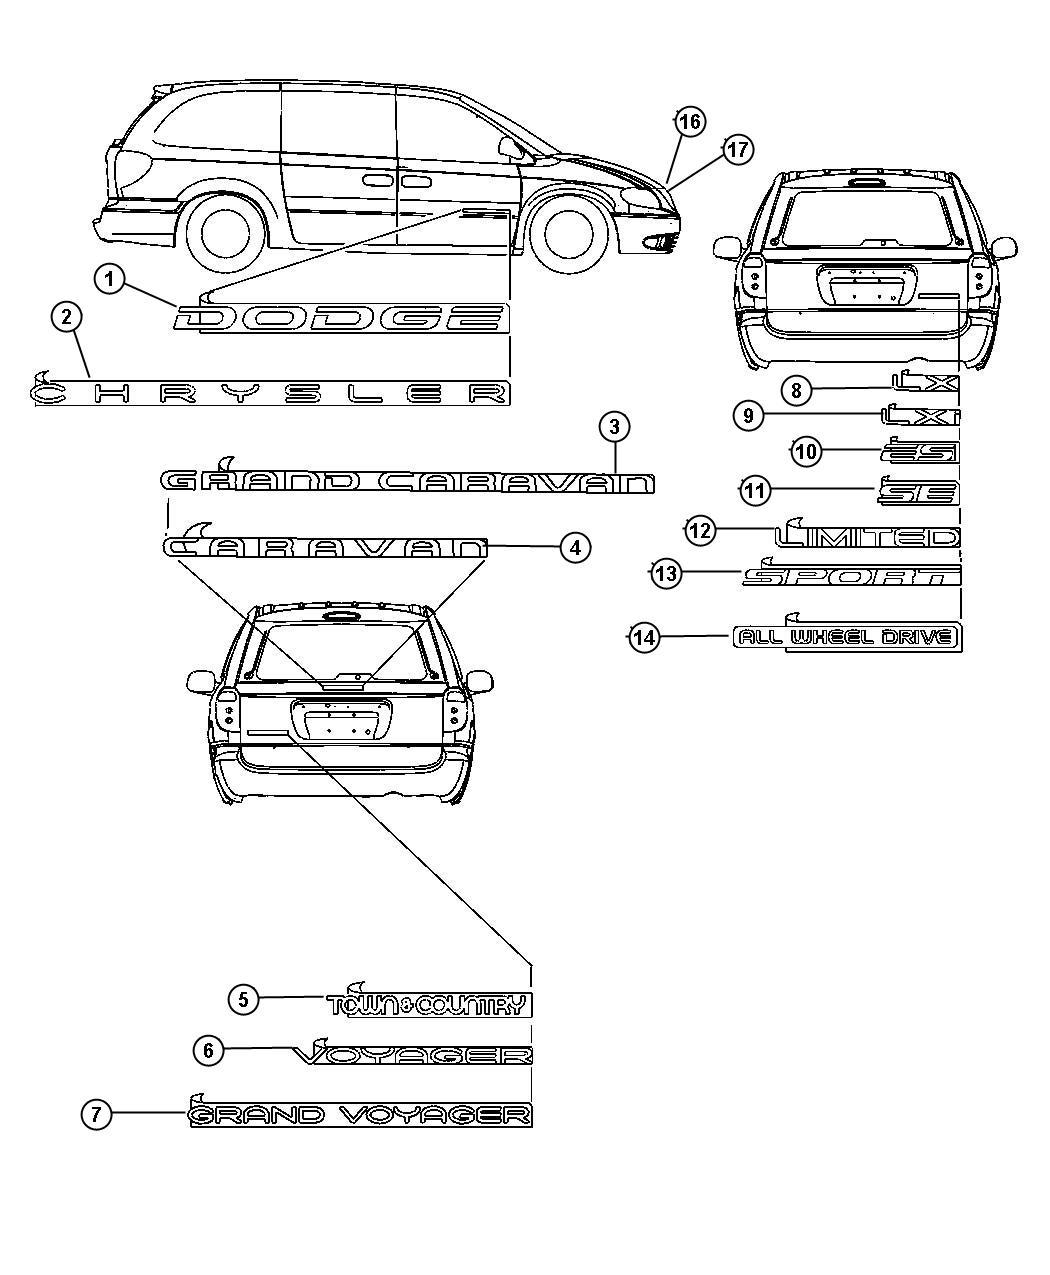 Dodge Caravan Nameplate Grand Voyager